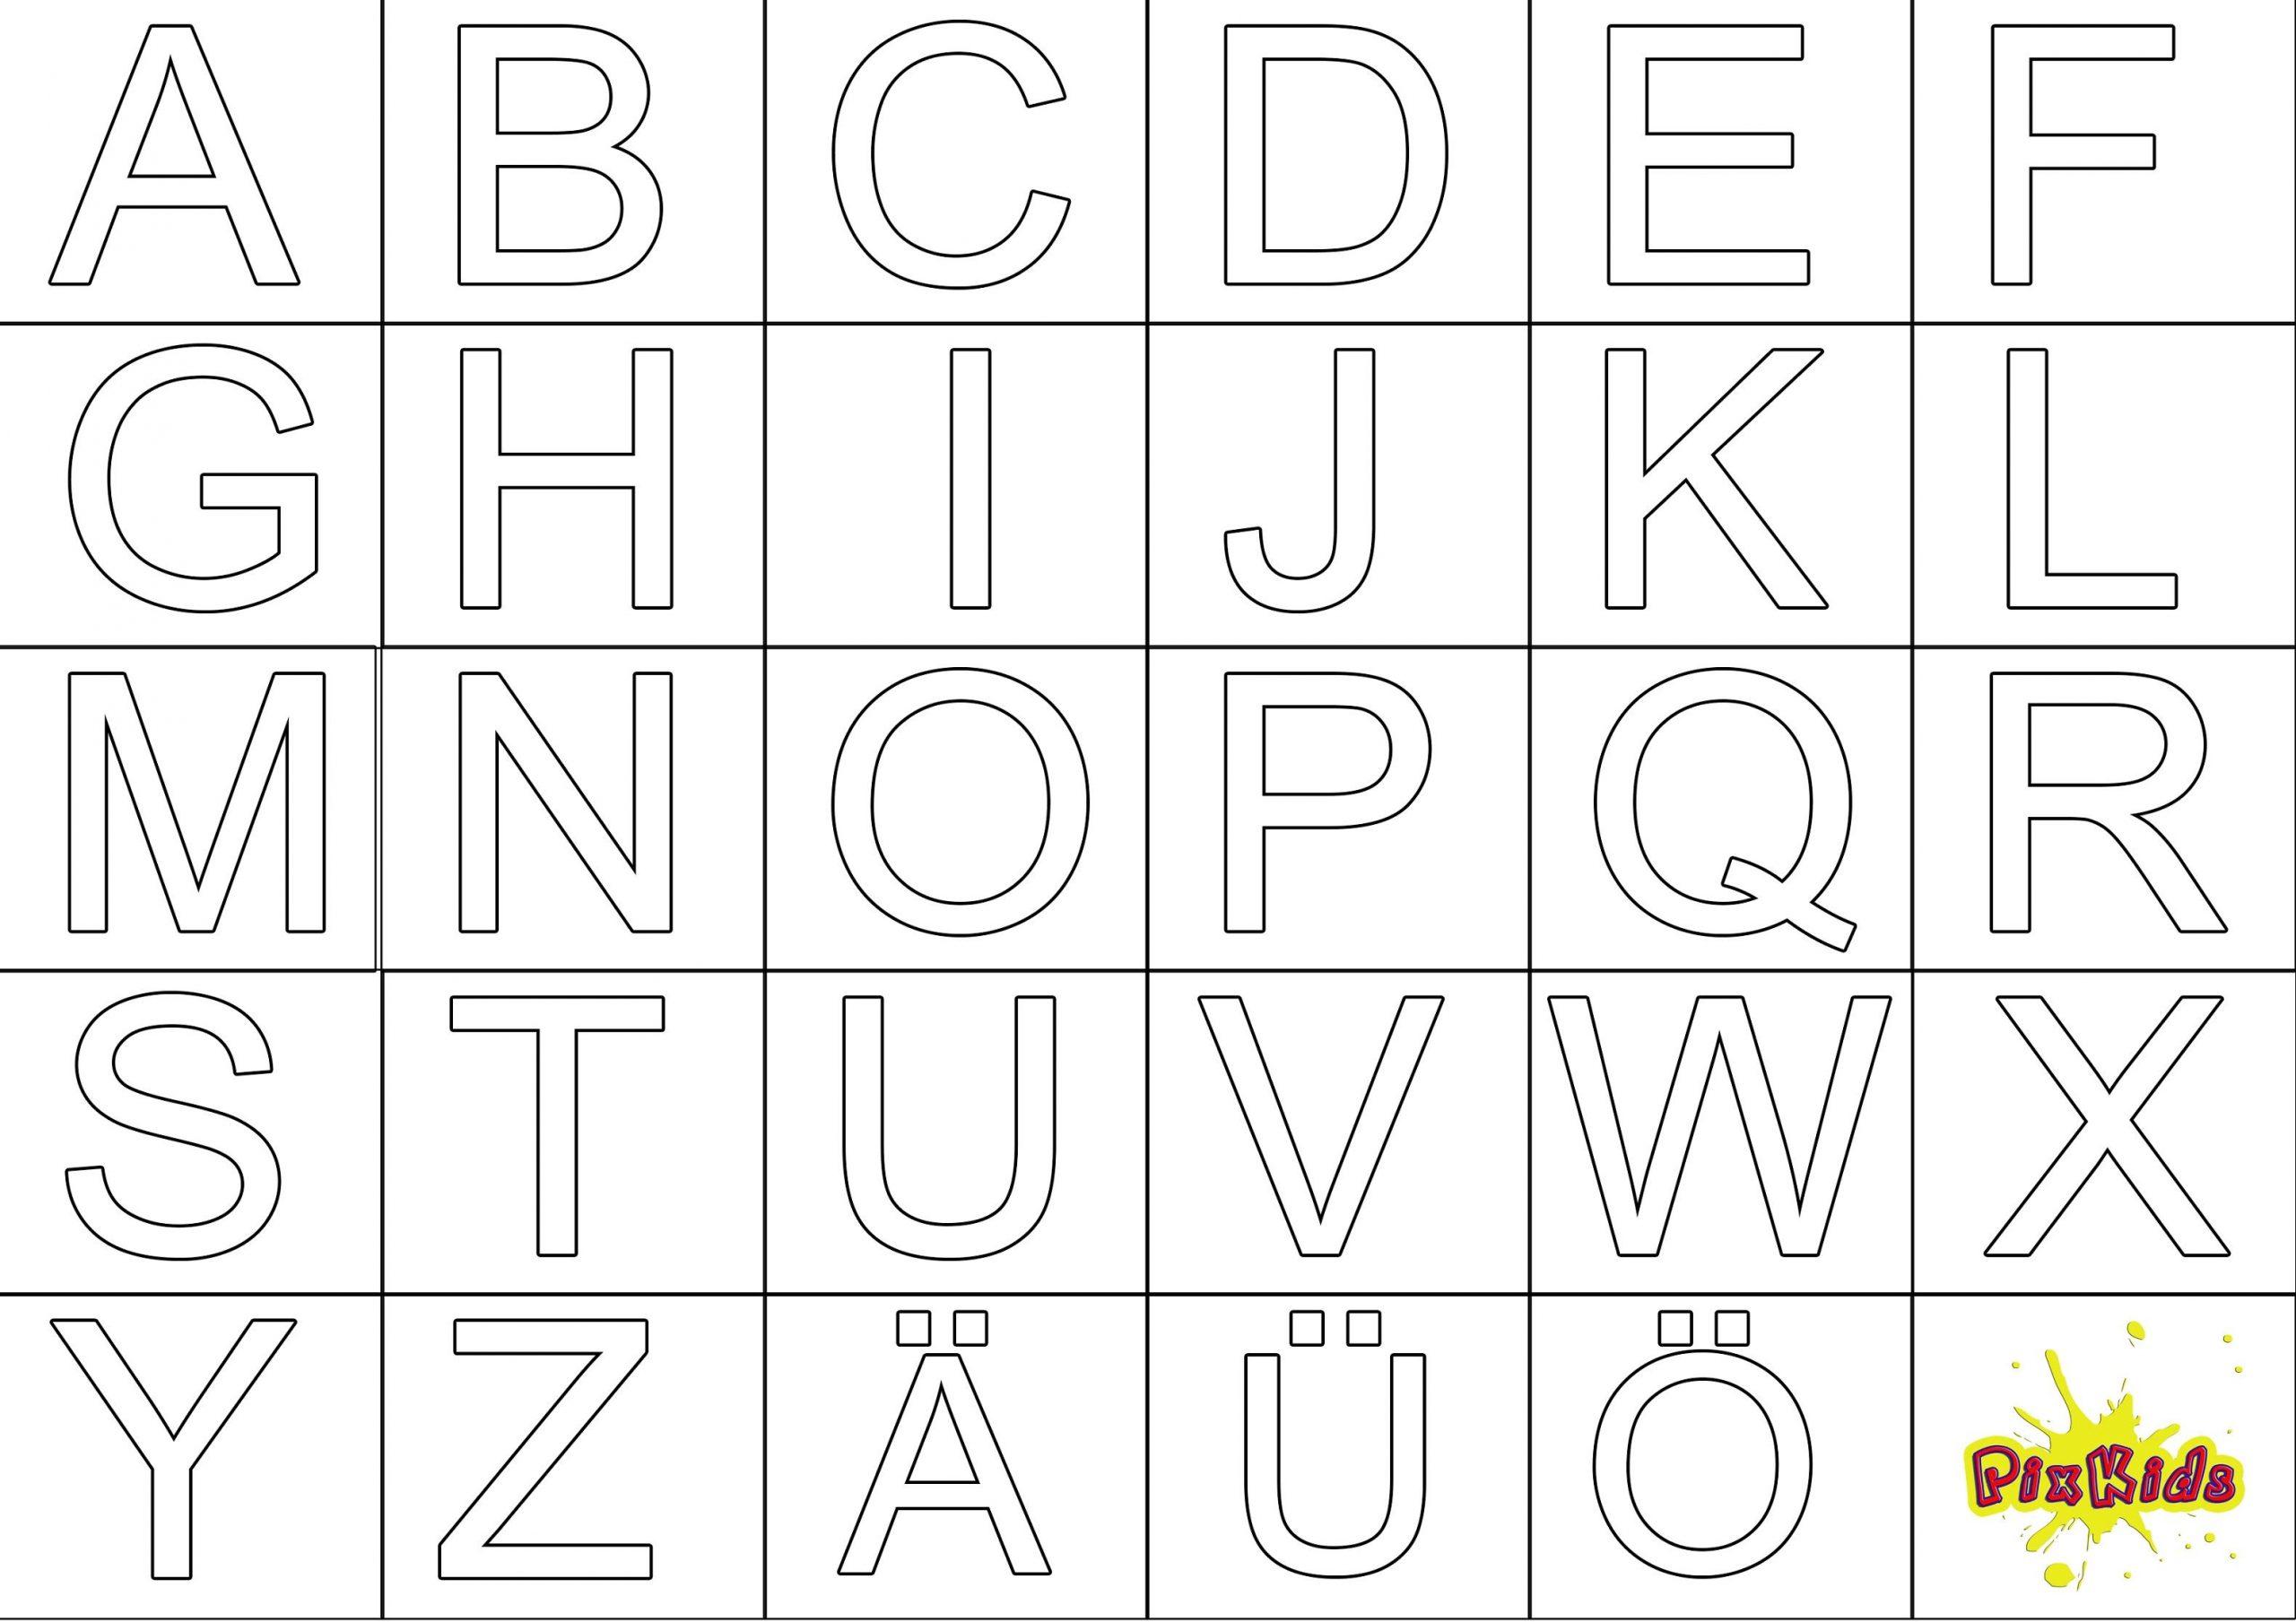 Ausmalbild Abc | Buchstaben Vorlagen Zum Ausdrucken bei Malvorlagen Abc Ausdrucken